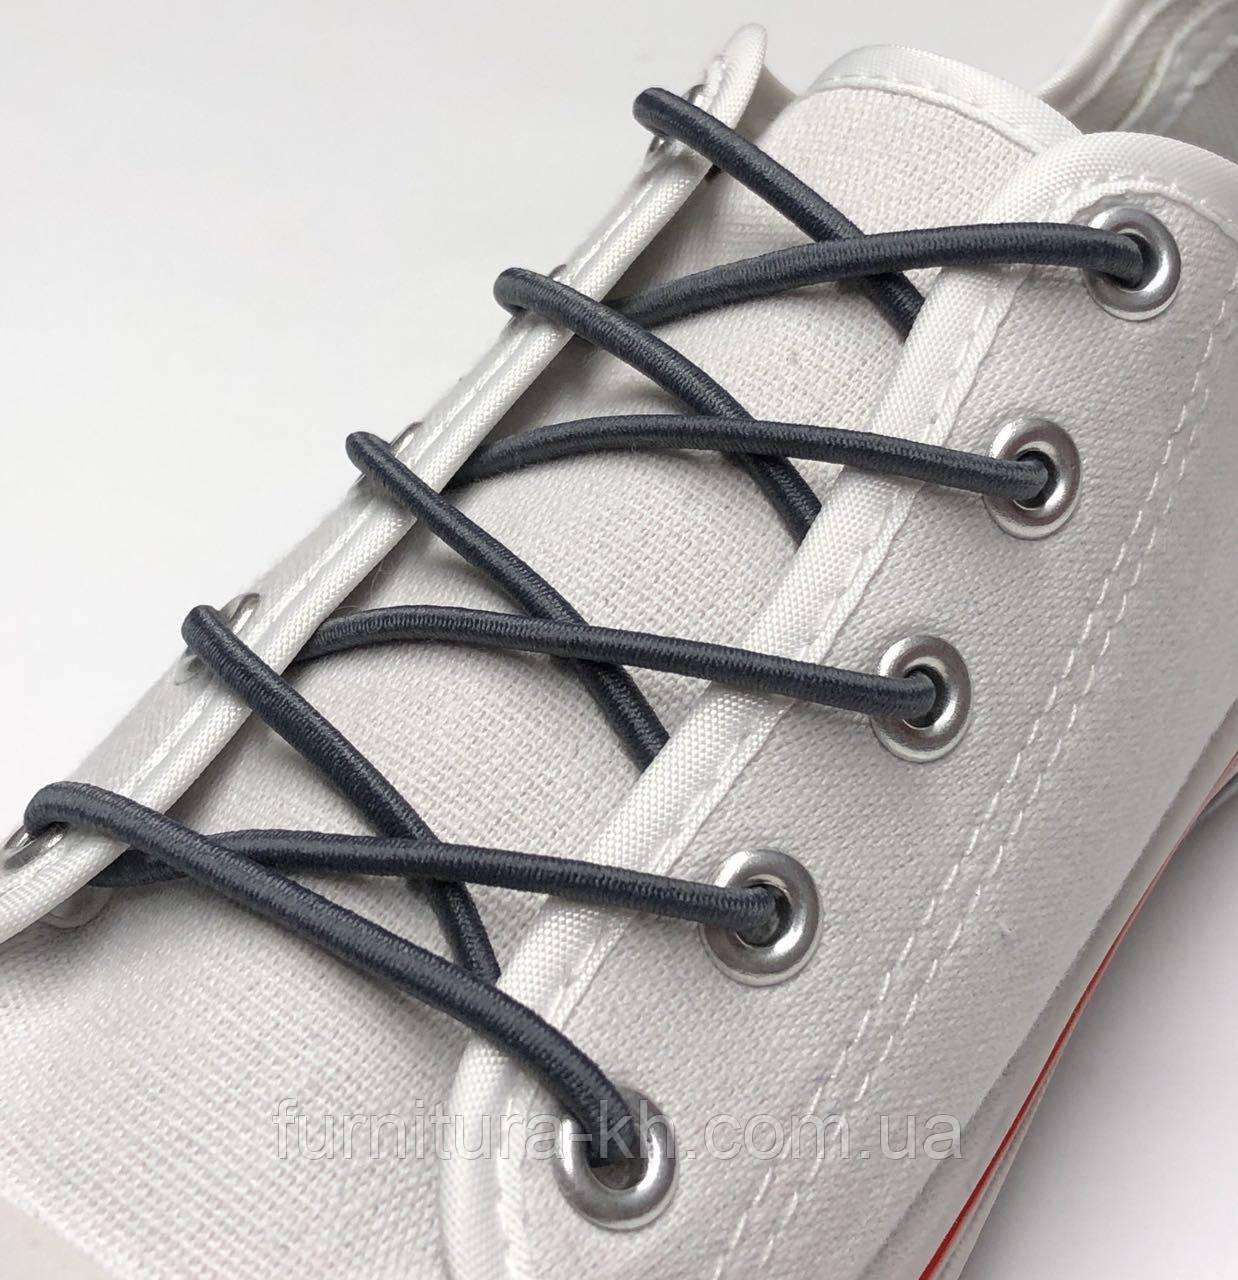 Шнурок Резиновый Круглый-Цвет Темно-Серый (толщина 3 мм).Длинна 0,70 см